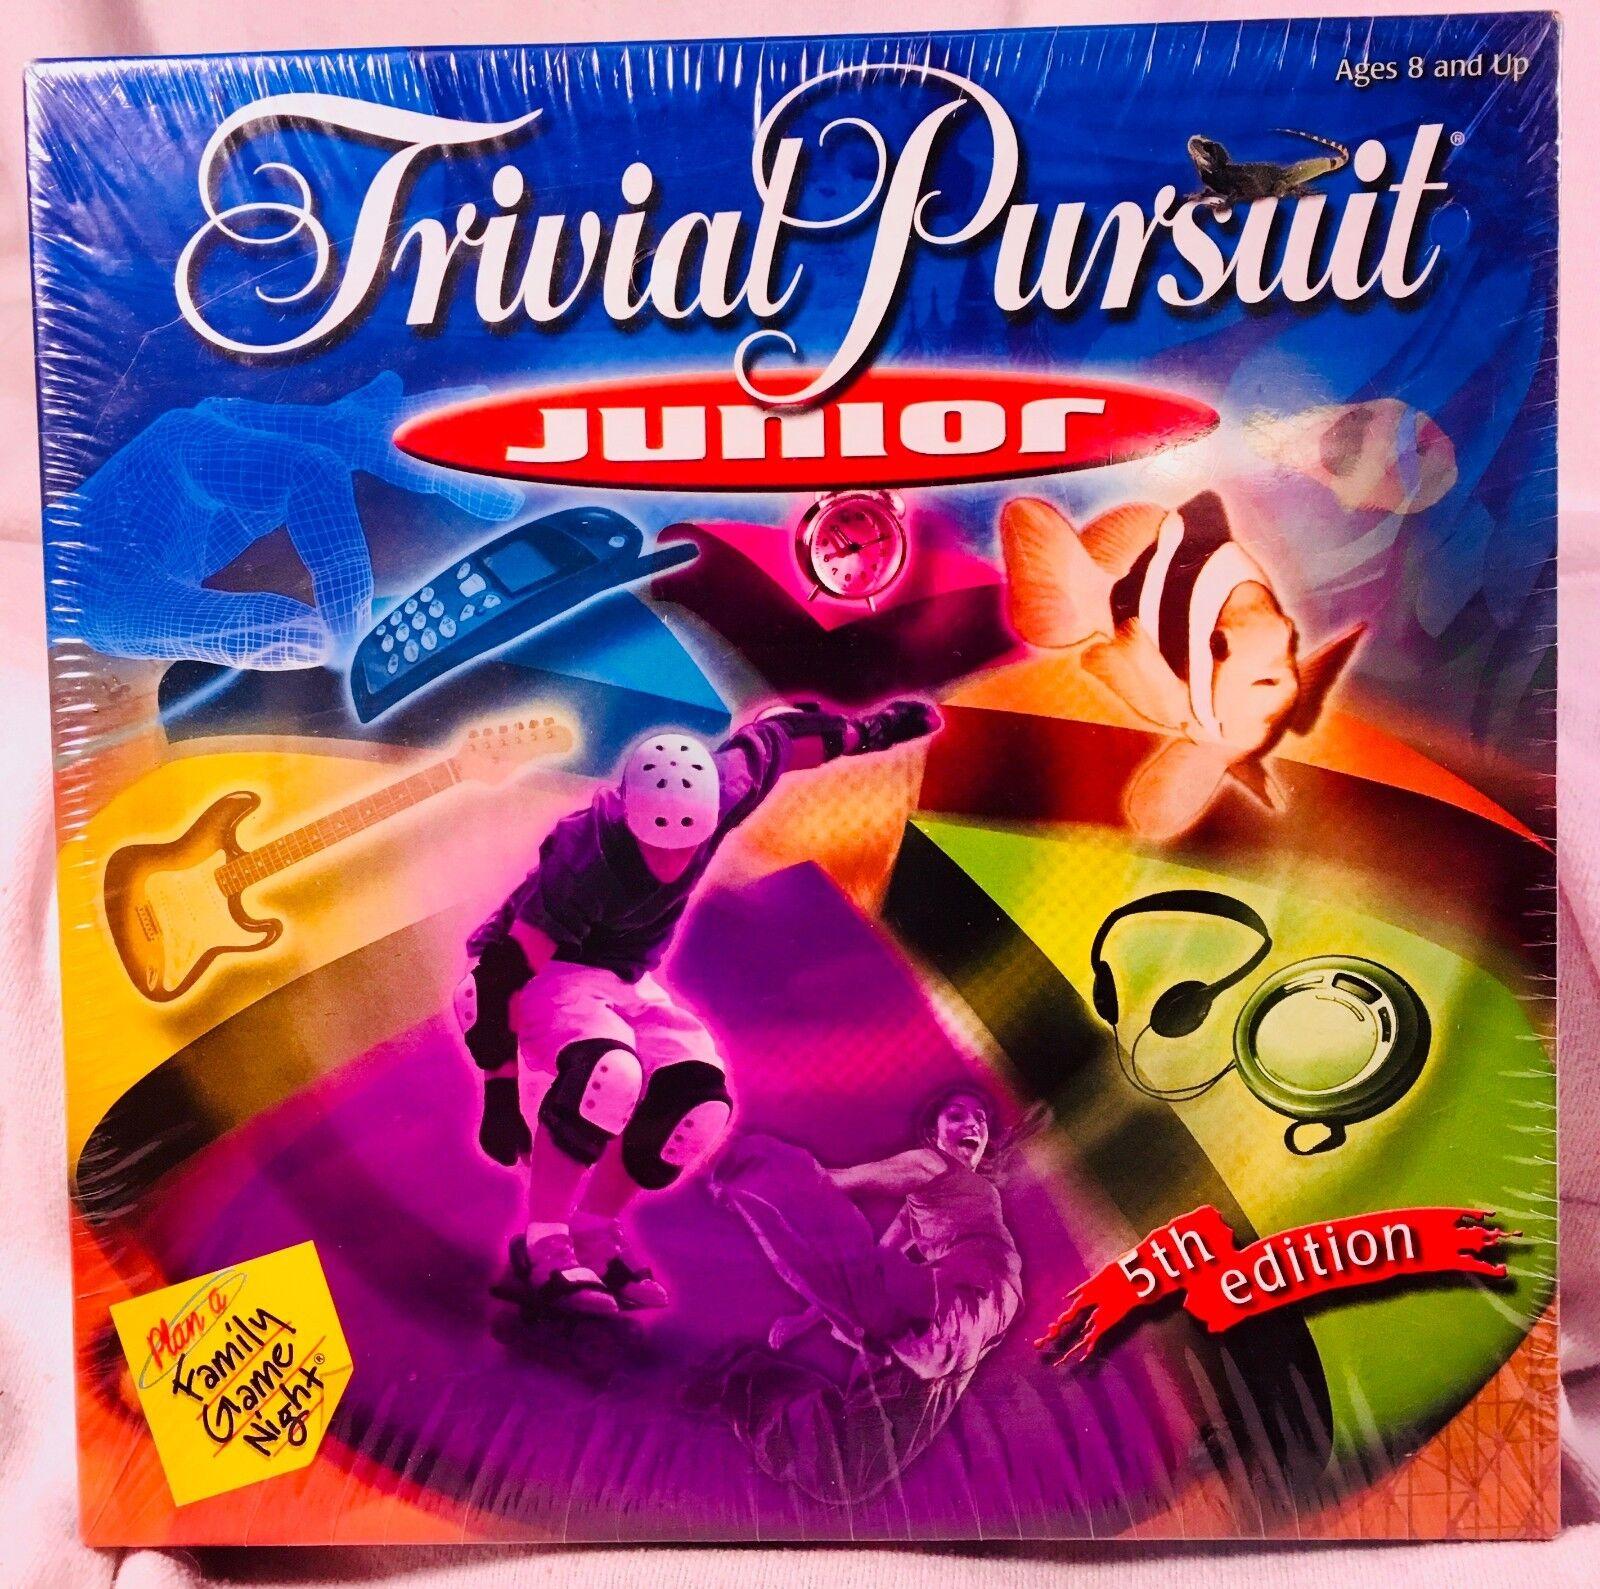 Nib - hasbro 2001 trivial pursuit junior game (5. auflage) - fabrik versiegelt